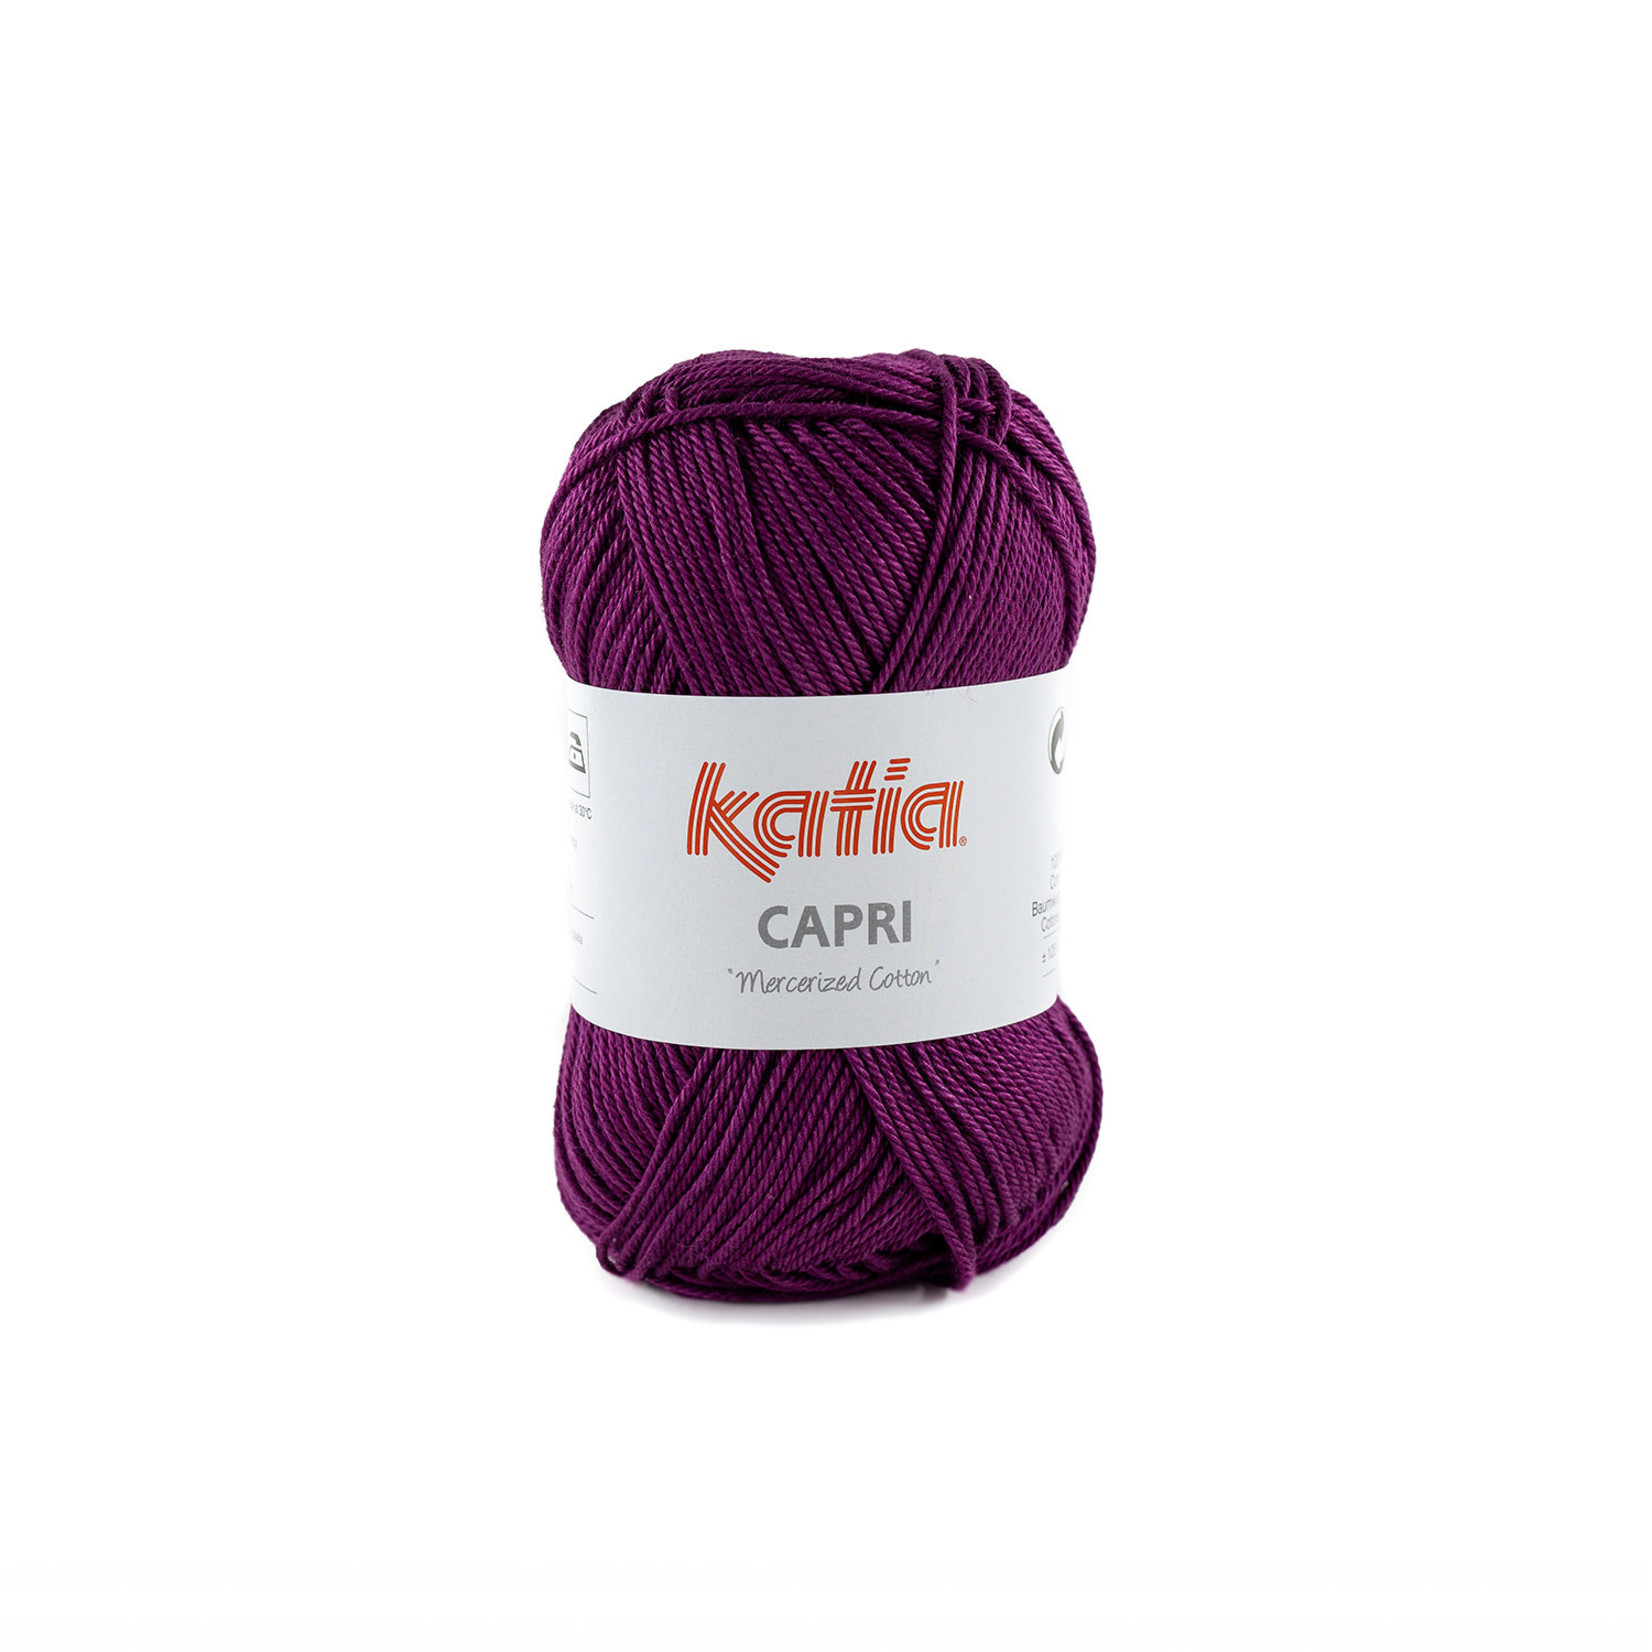 Katia Katia Capri - kleur 172 Parelmoer-lichtviolet - 50 gr. = 125 m. - 100% katoen